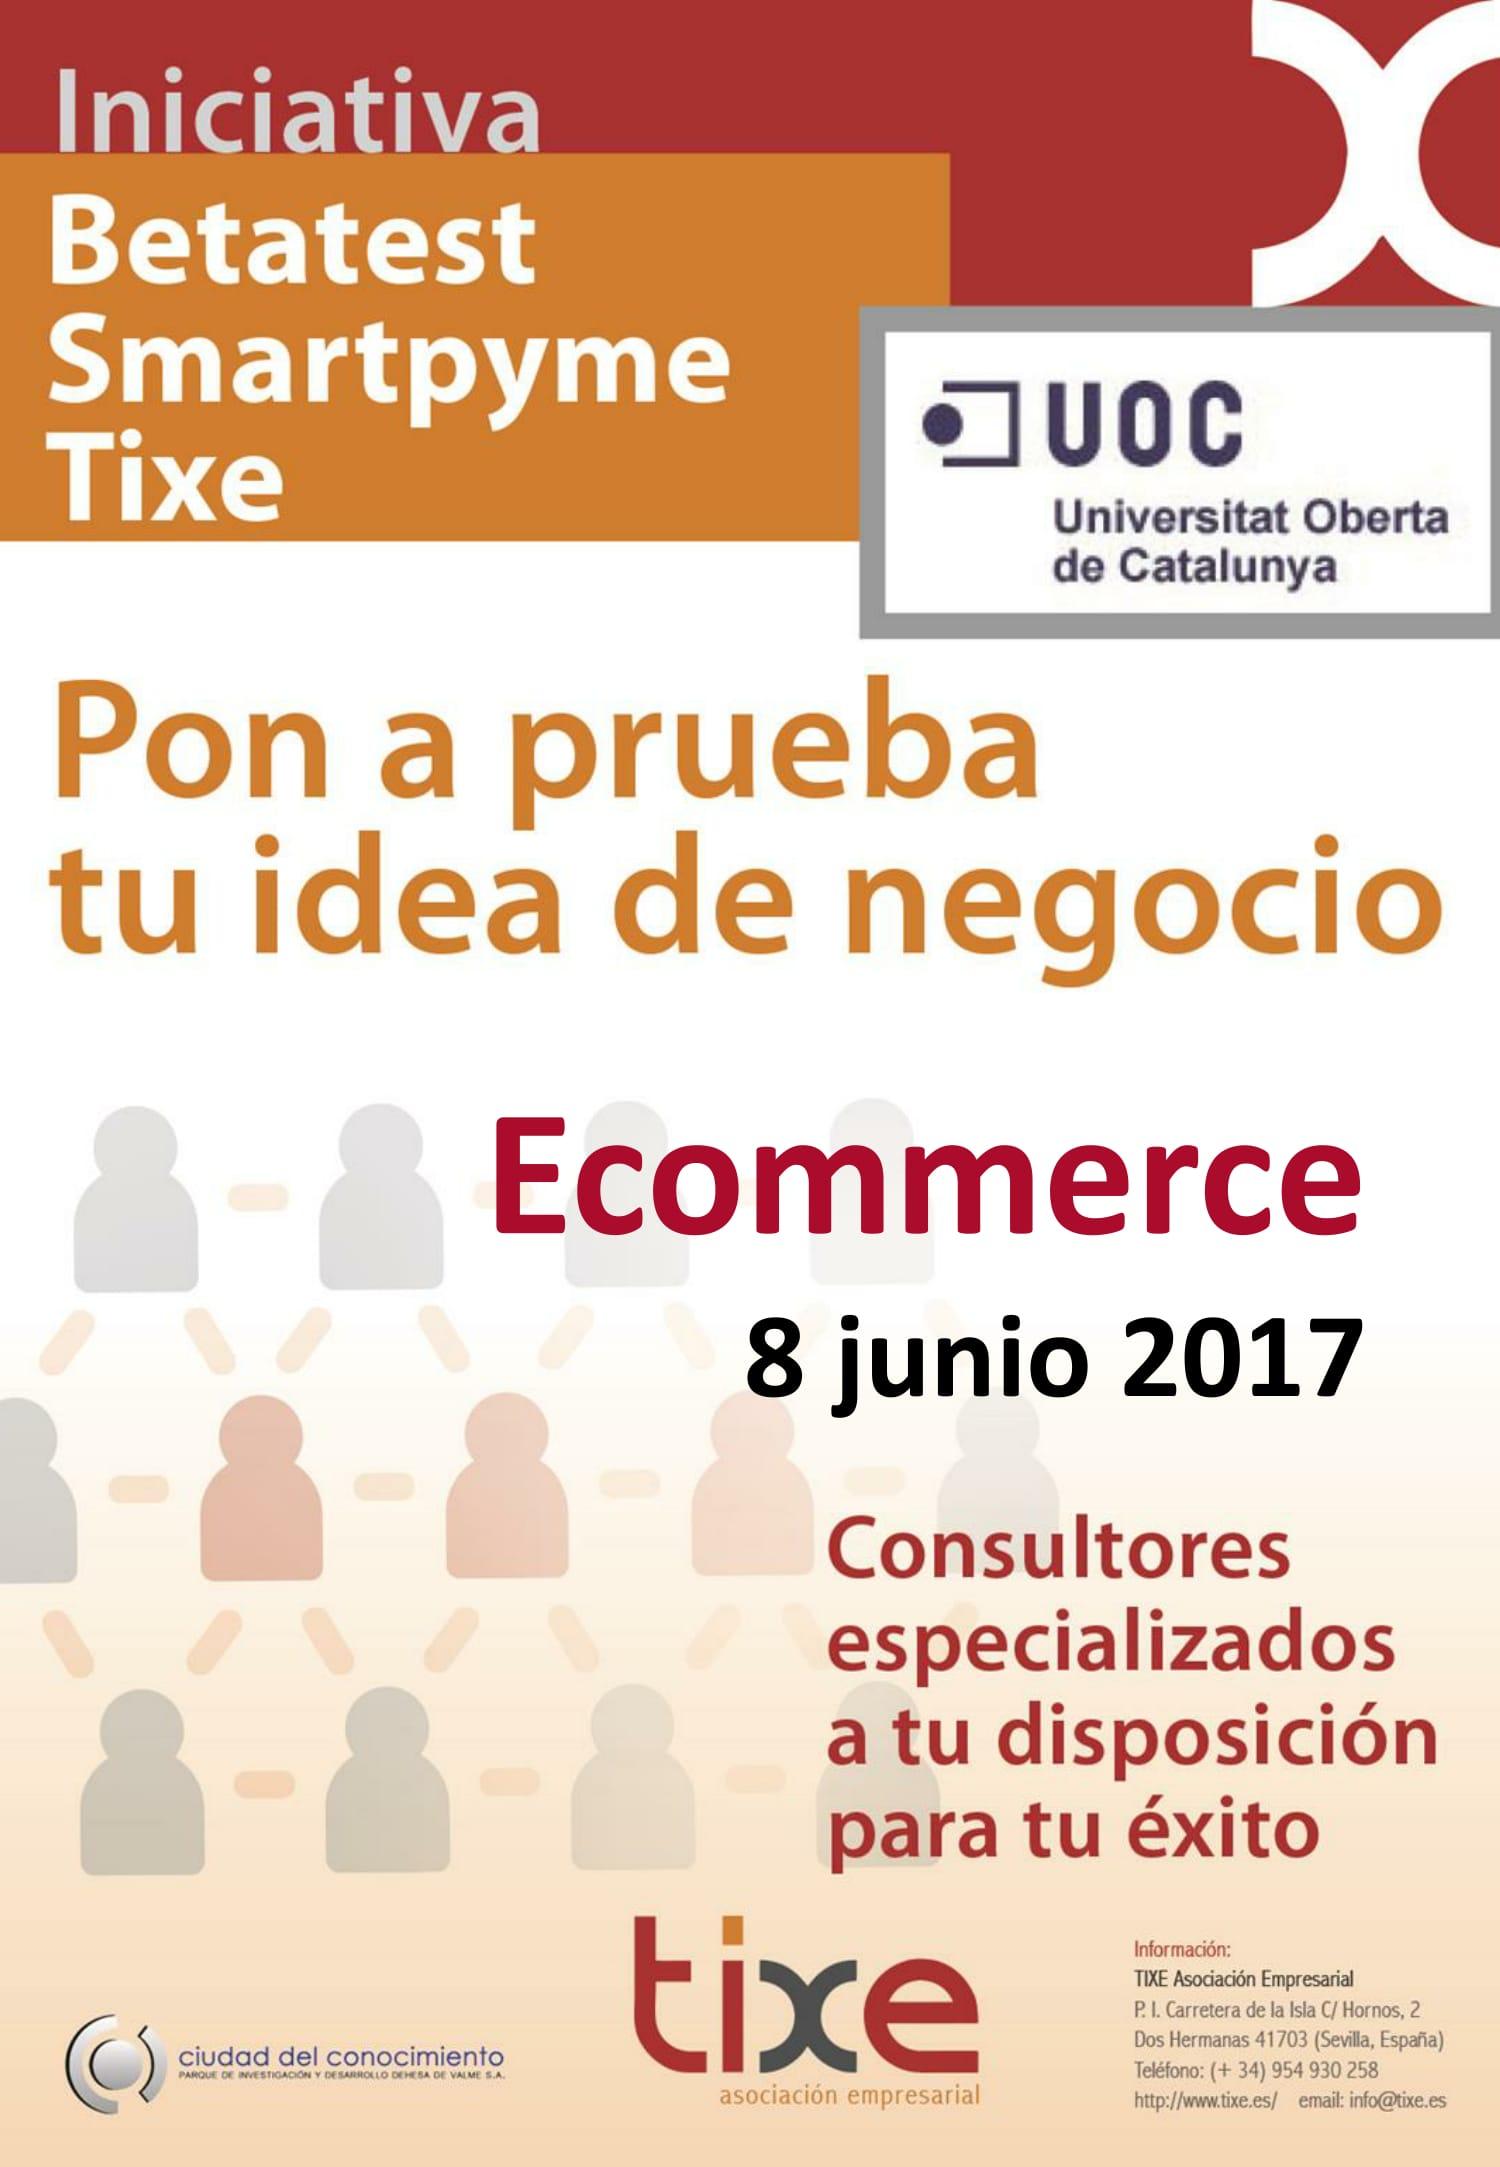 Betatest SmartPyme Tixe. Ecommerce